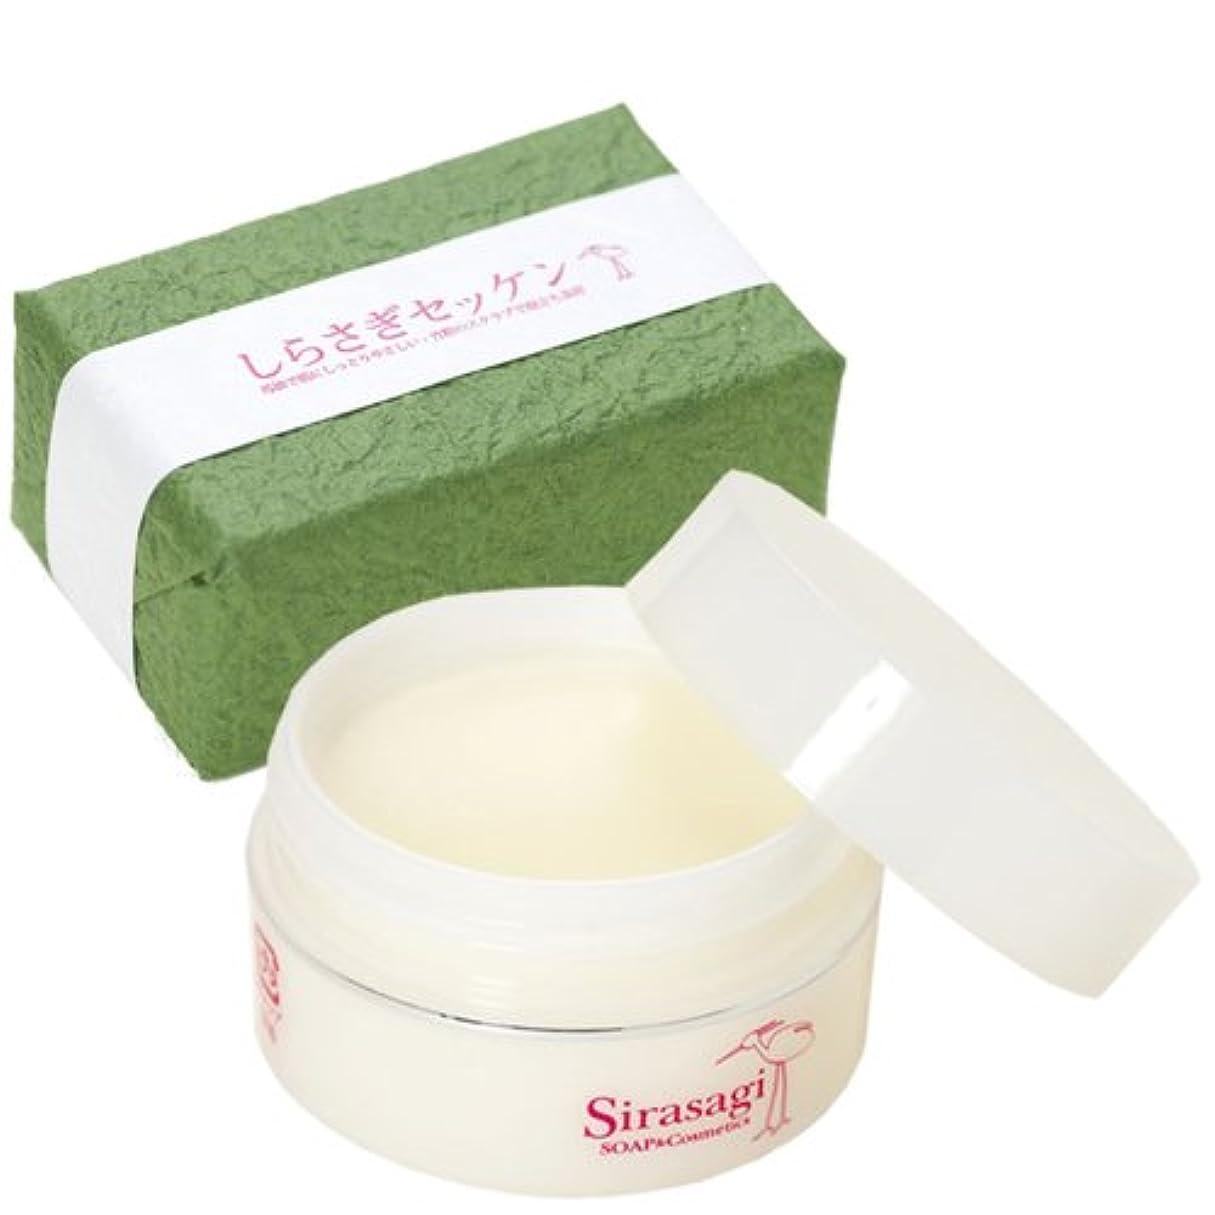 不毛複数汚染されたしらさぎ化粧品 しらさぎクリームとしらさぎセッケンのセット ラベンダー&ローズウッド 30g+90g